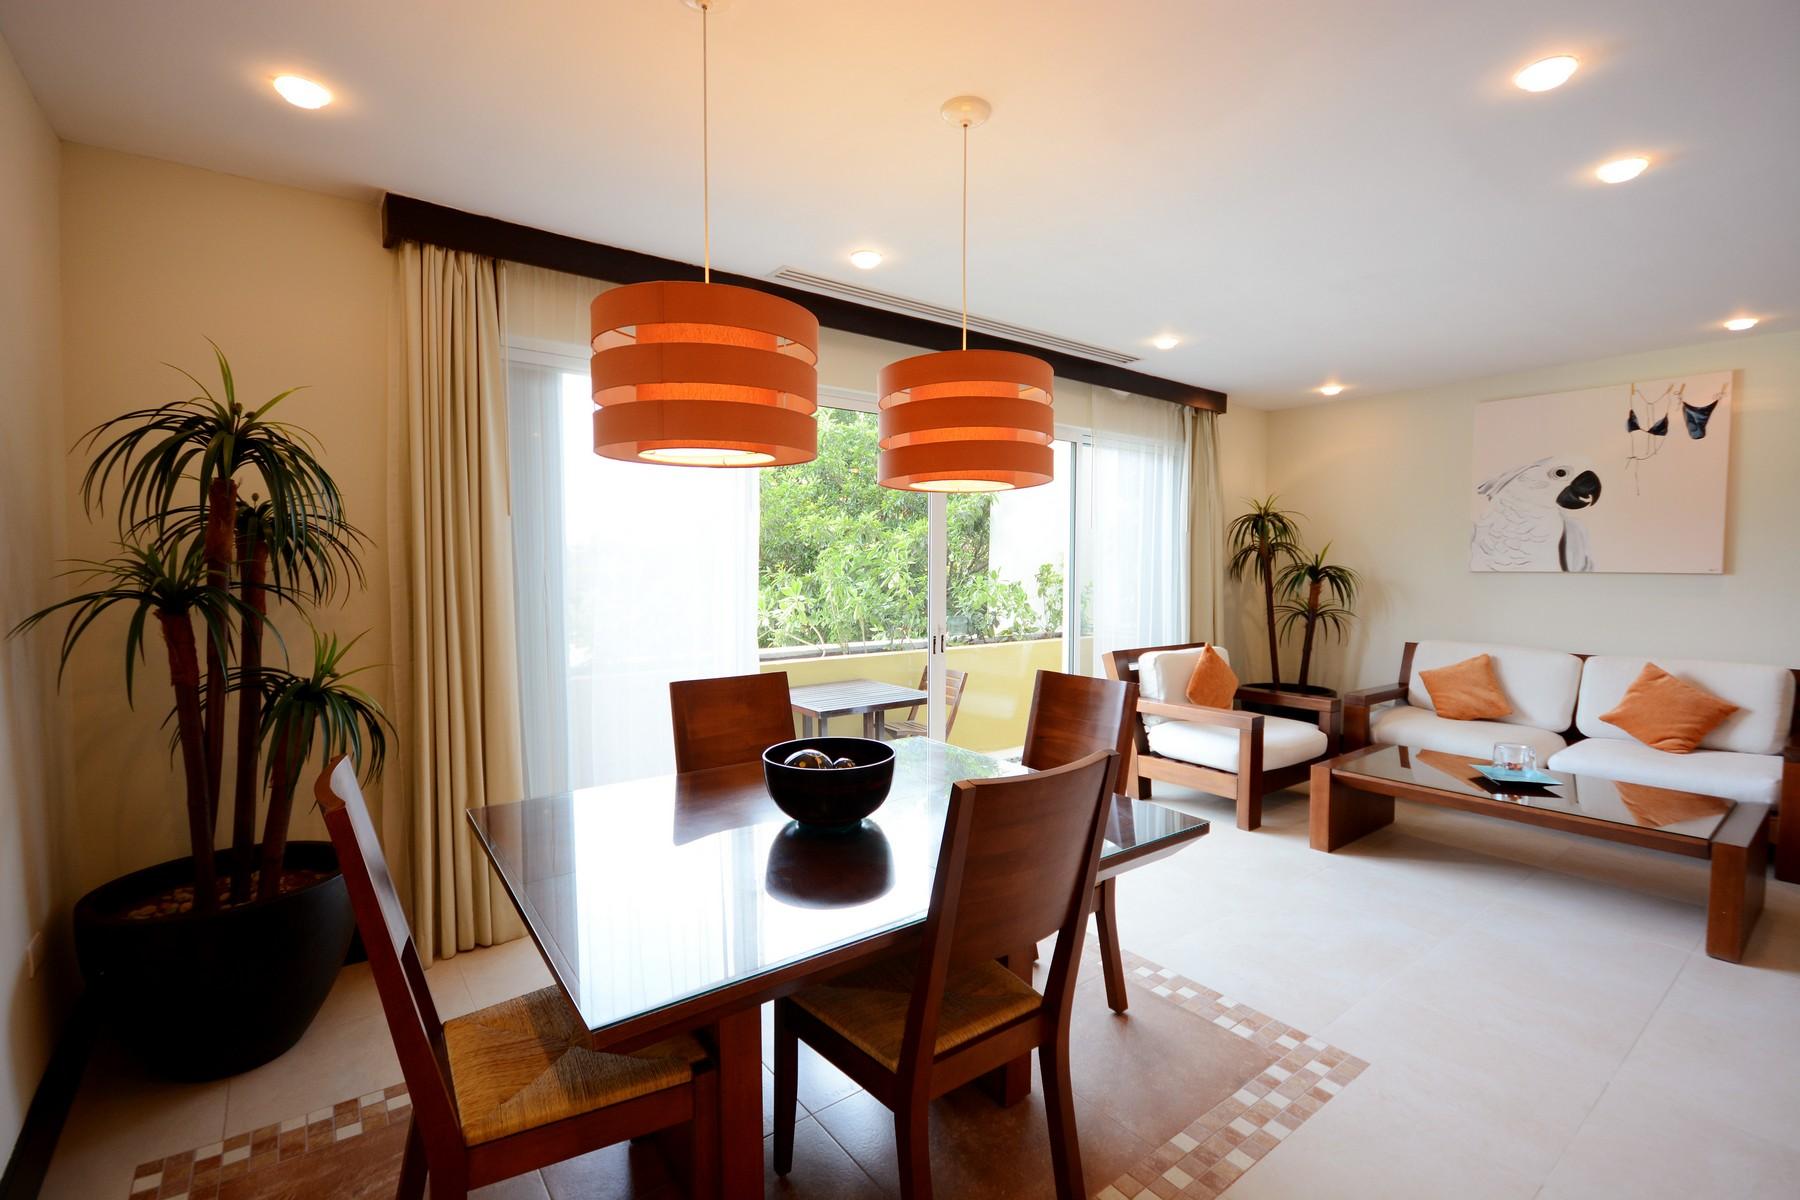 Condominium for Sale at HIDDEN PARADISE PUEBLITO Hidden Paradise Pueblito Av. 38 norte, entre Flamingos y Albatros Playa Del Carmen, Quintana Roo, 77728 Mexico